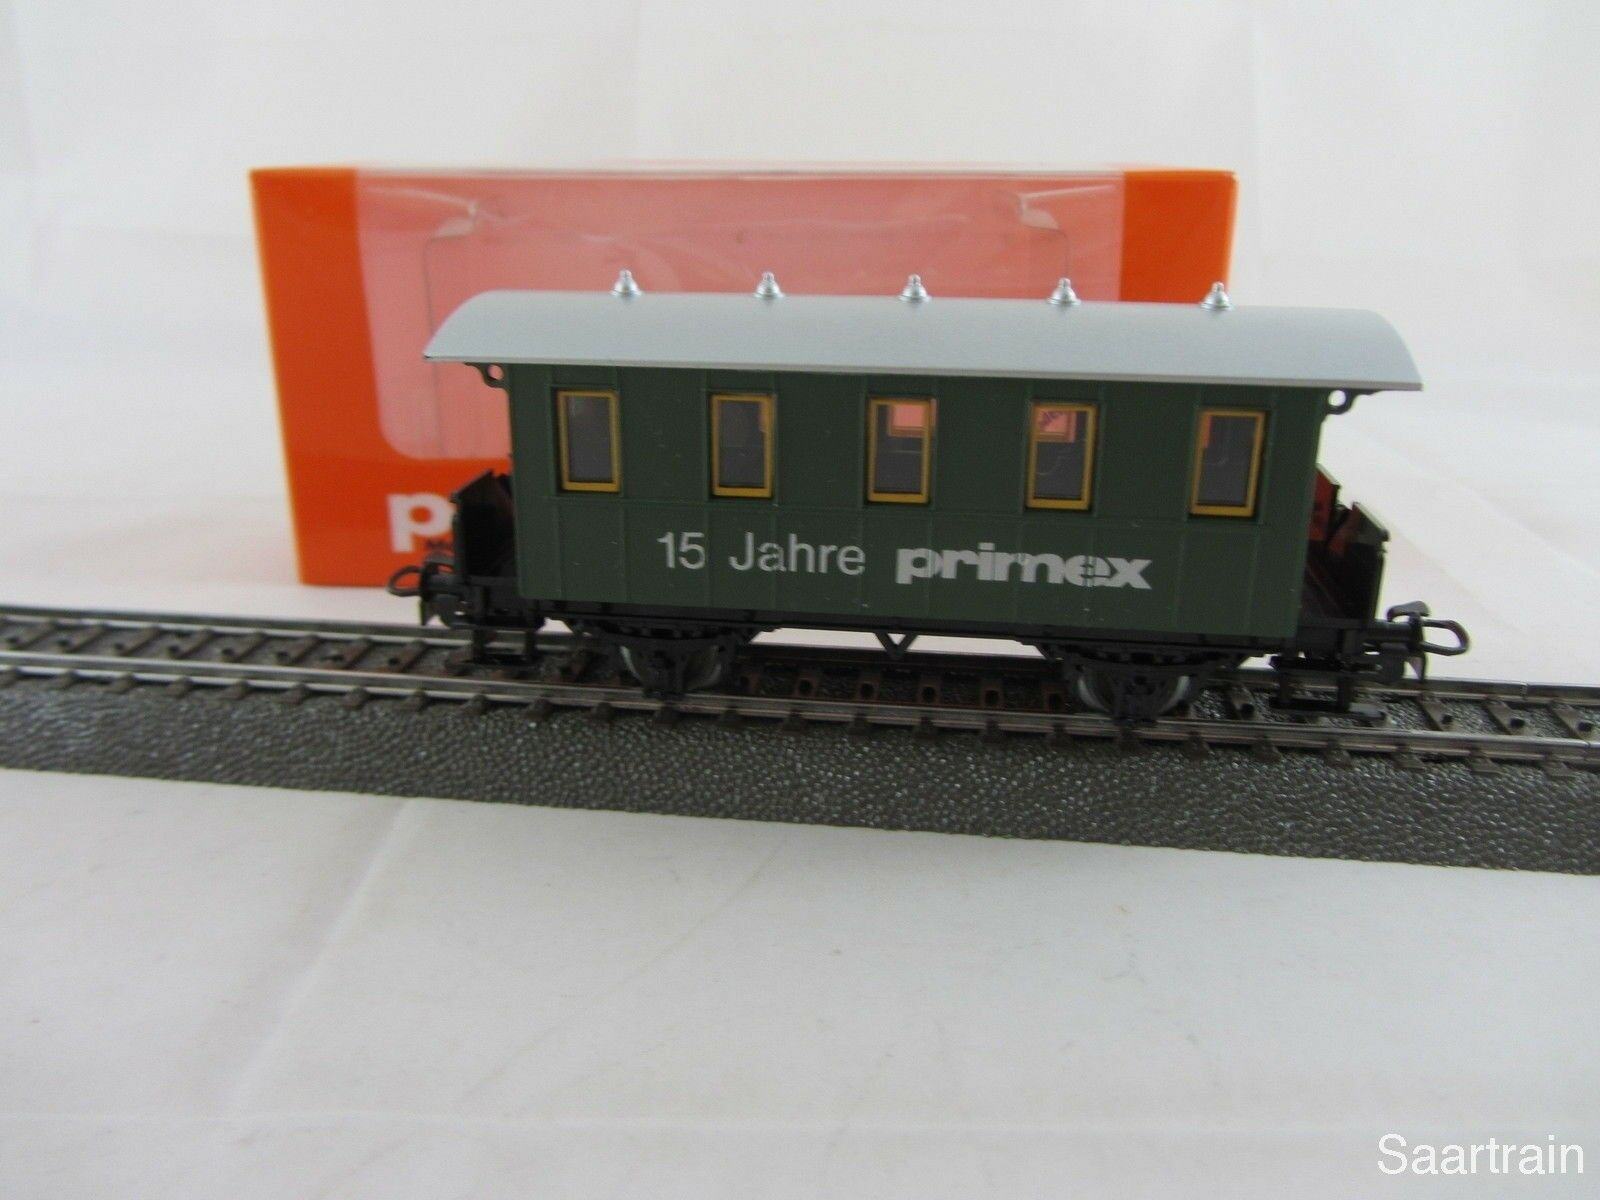 Primex Personenwagen green Sondermodell 15 Jahre Primex mit OVP sehr selten